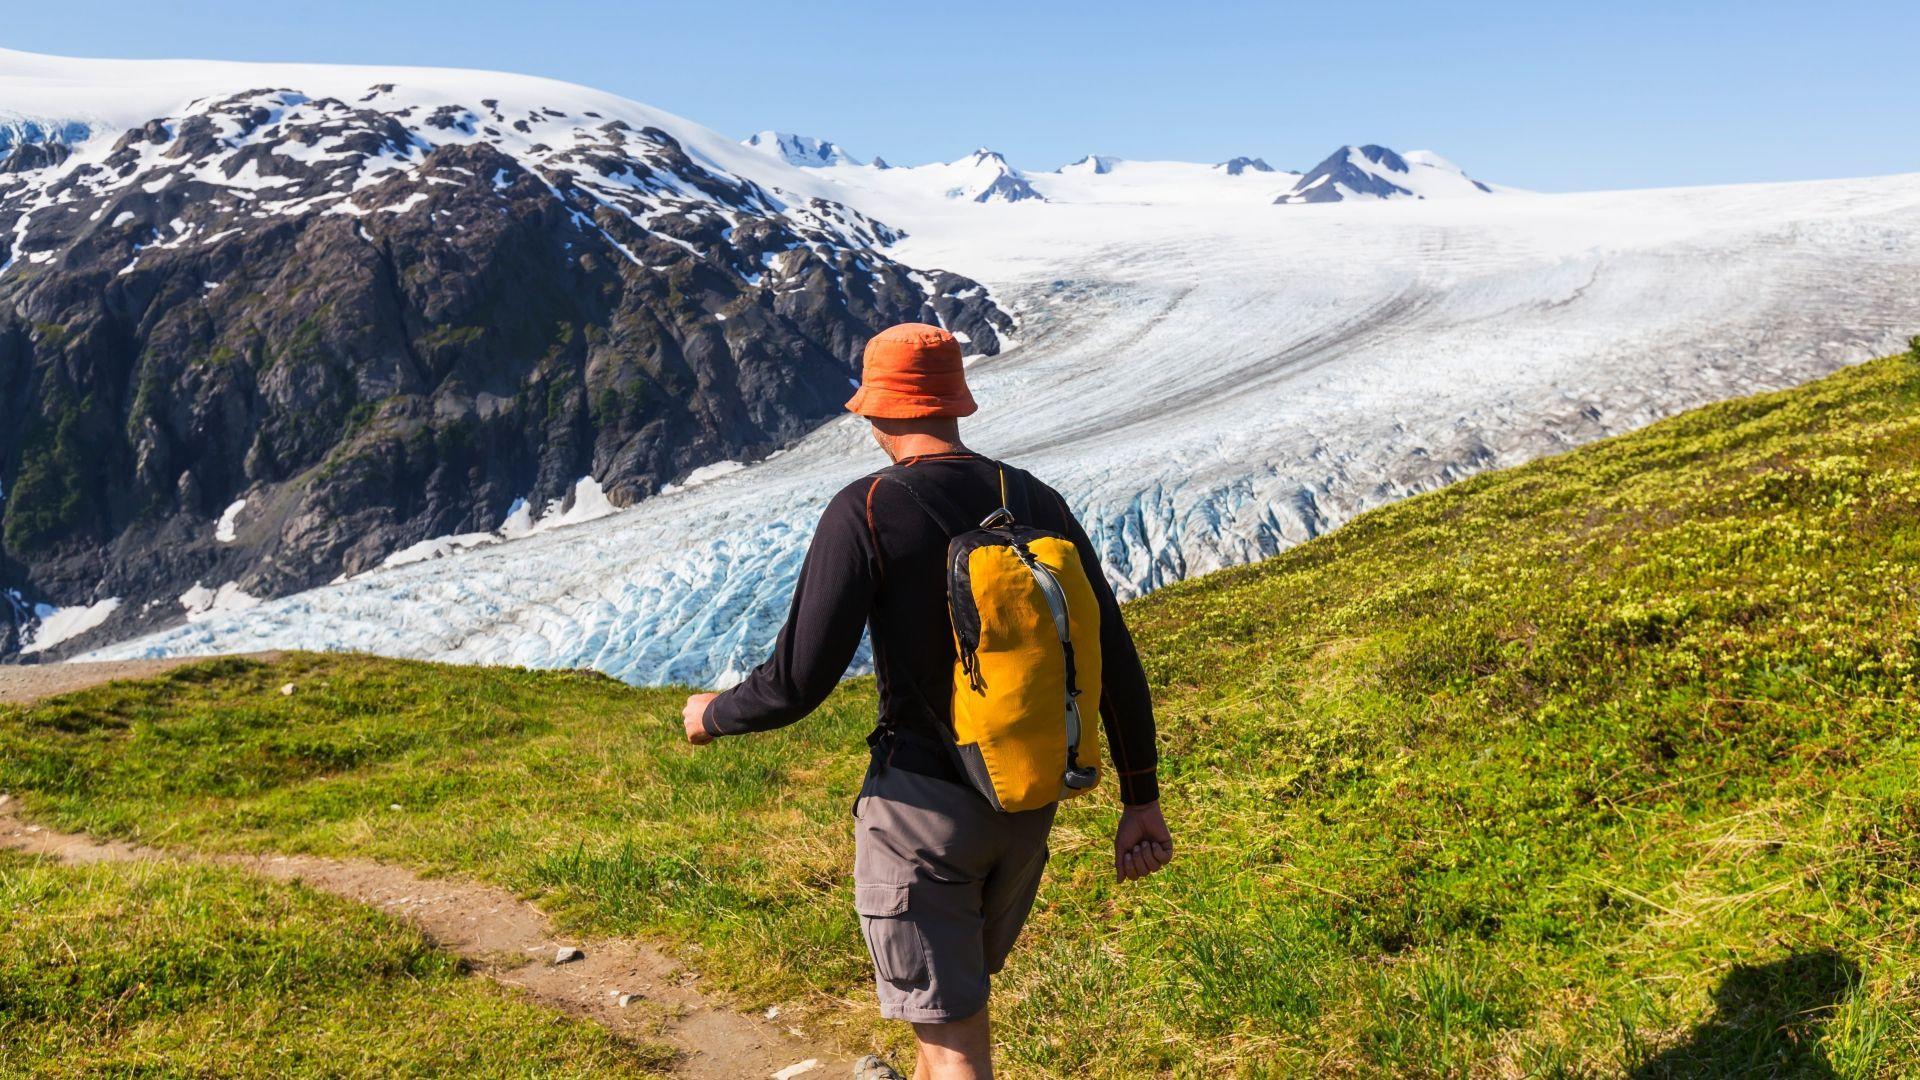 Kelionė pėsčiomis po Aliaskos apylinkes